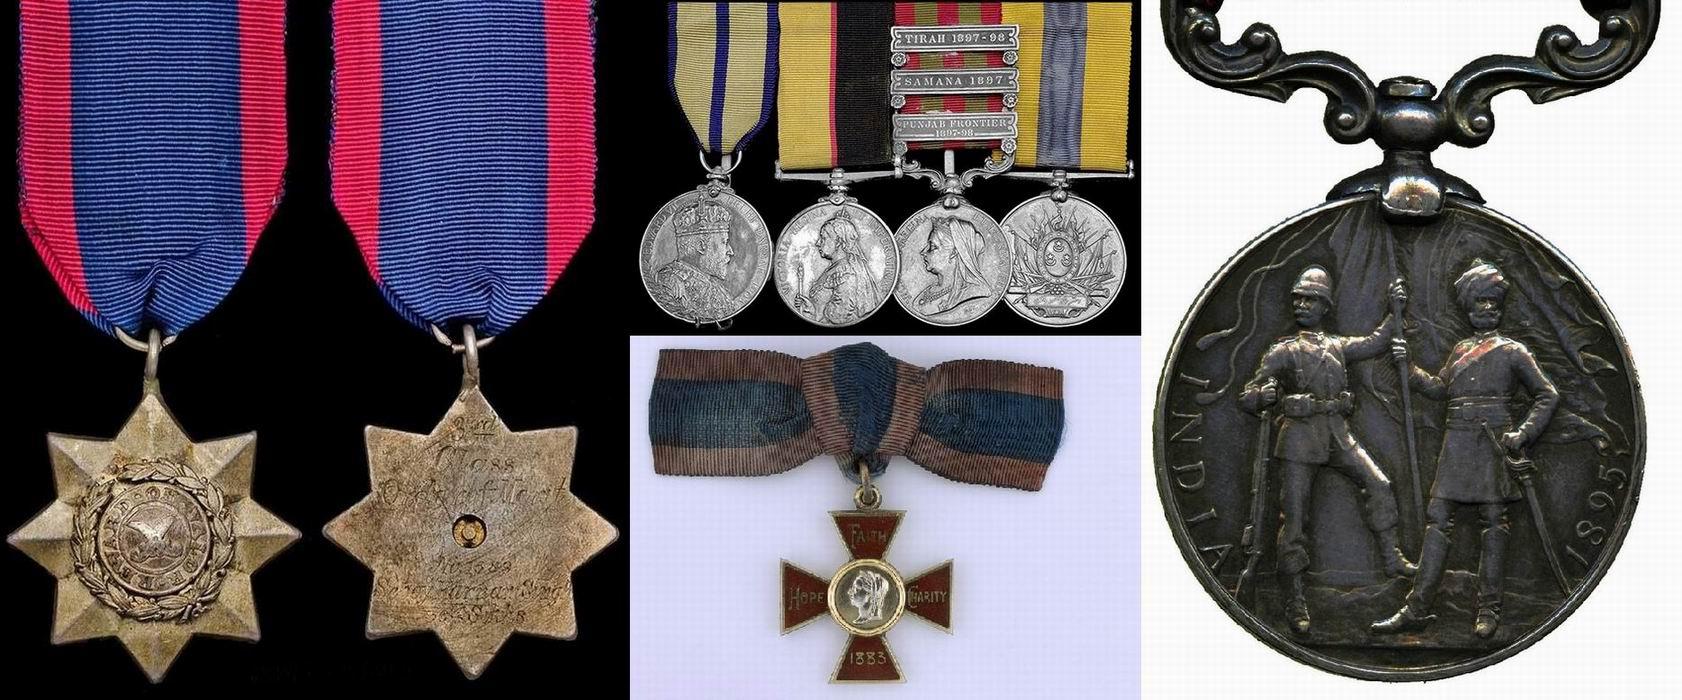 Слева – индийский Орден заслуг 3й степени. По центру внизу - Королевский красный крест. Такой получила Тереза МакГрат. По центру сверху – награды Чарльза Де Воэ: «Делийский дурбар 1903г», «Суданская медаль Королевы», «Индийская медаль» с 3 пристежками за Тирахскую экспедицию, оборону Саманы и Пенджабскую границу , «Суданская медаль Хедива». Справа – реверс Индийской медали.